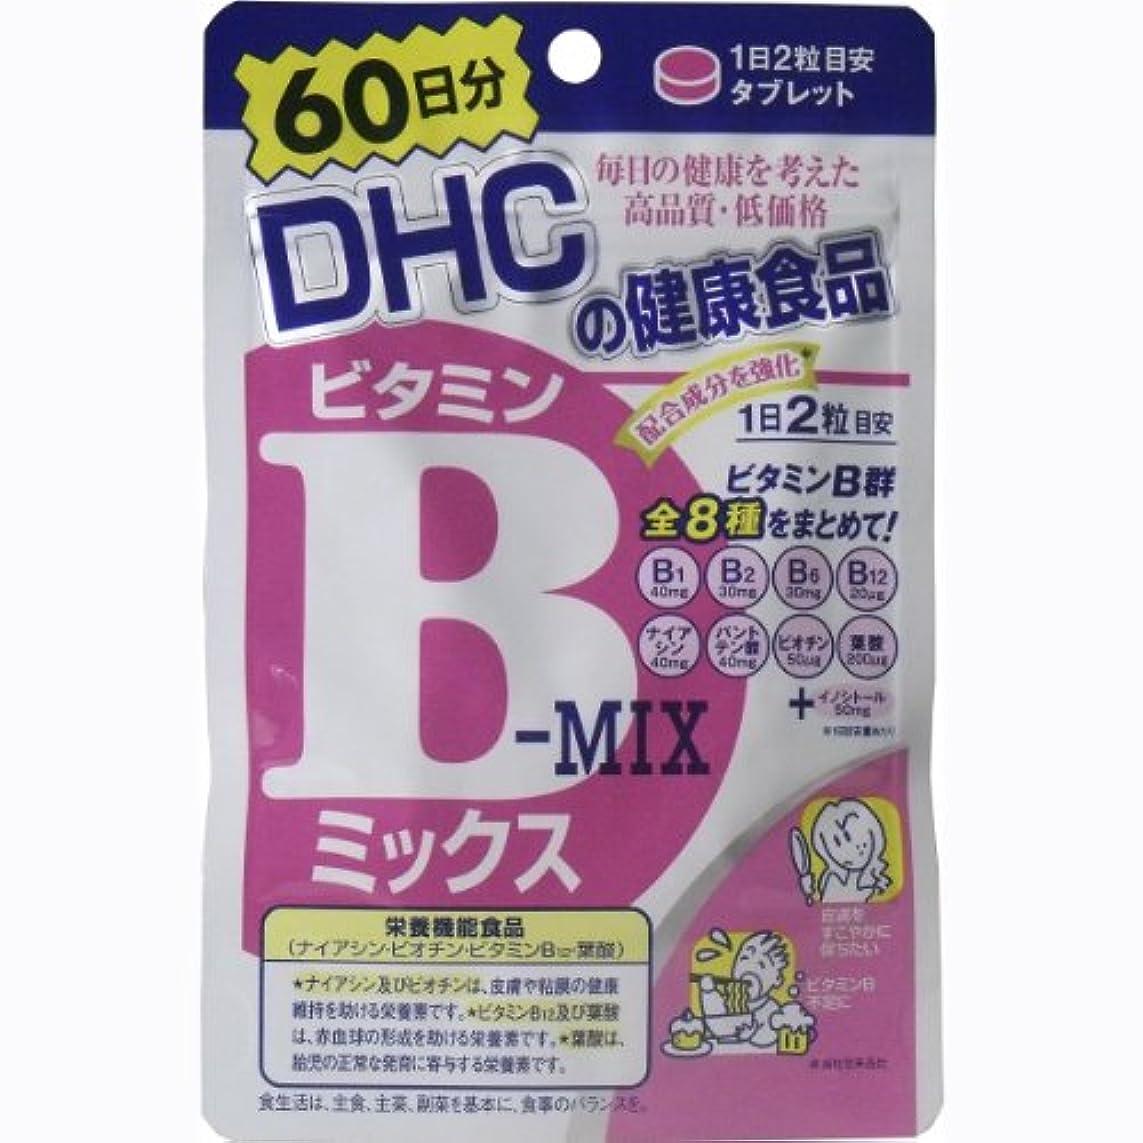 等しい供給証明書DHC ビタミンBミックス 120粒 60日分「4点セット」